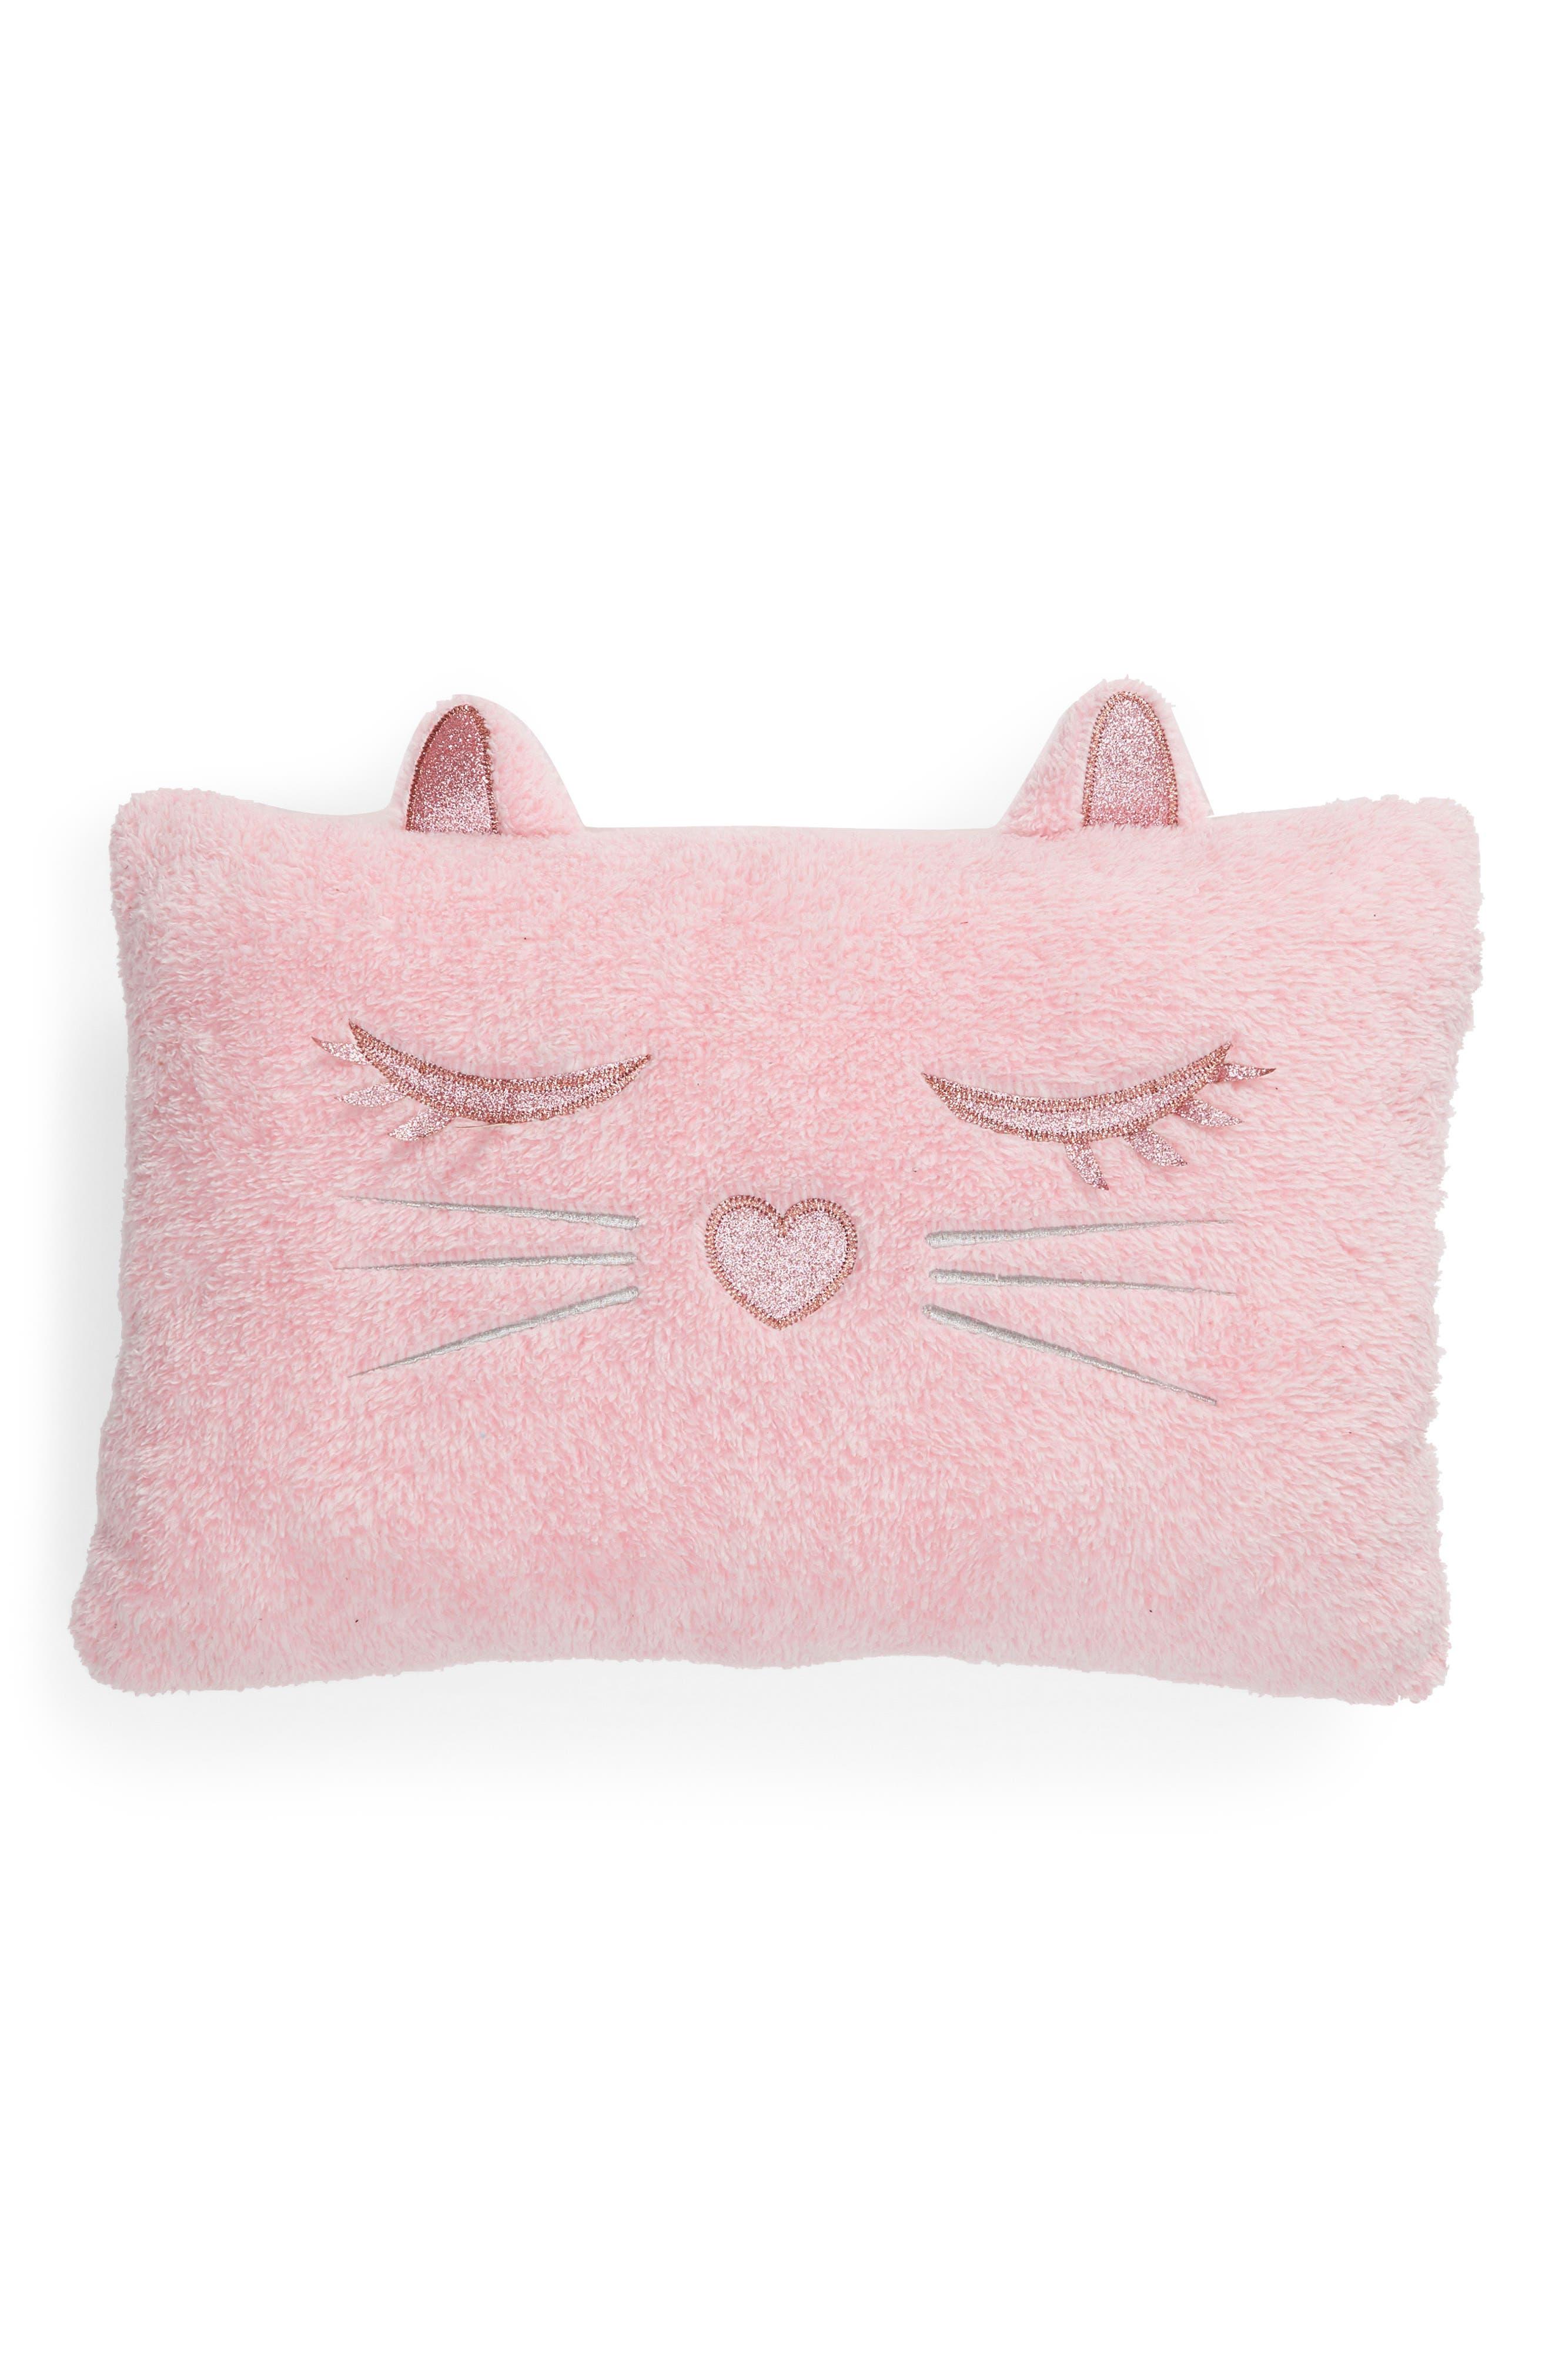 Cat Accent Pillow,                             Main thumbnail 1, color,                             PINK COMBO